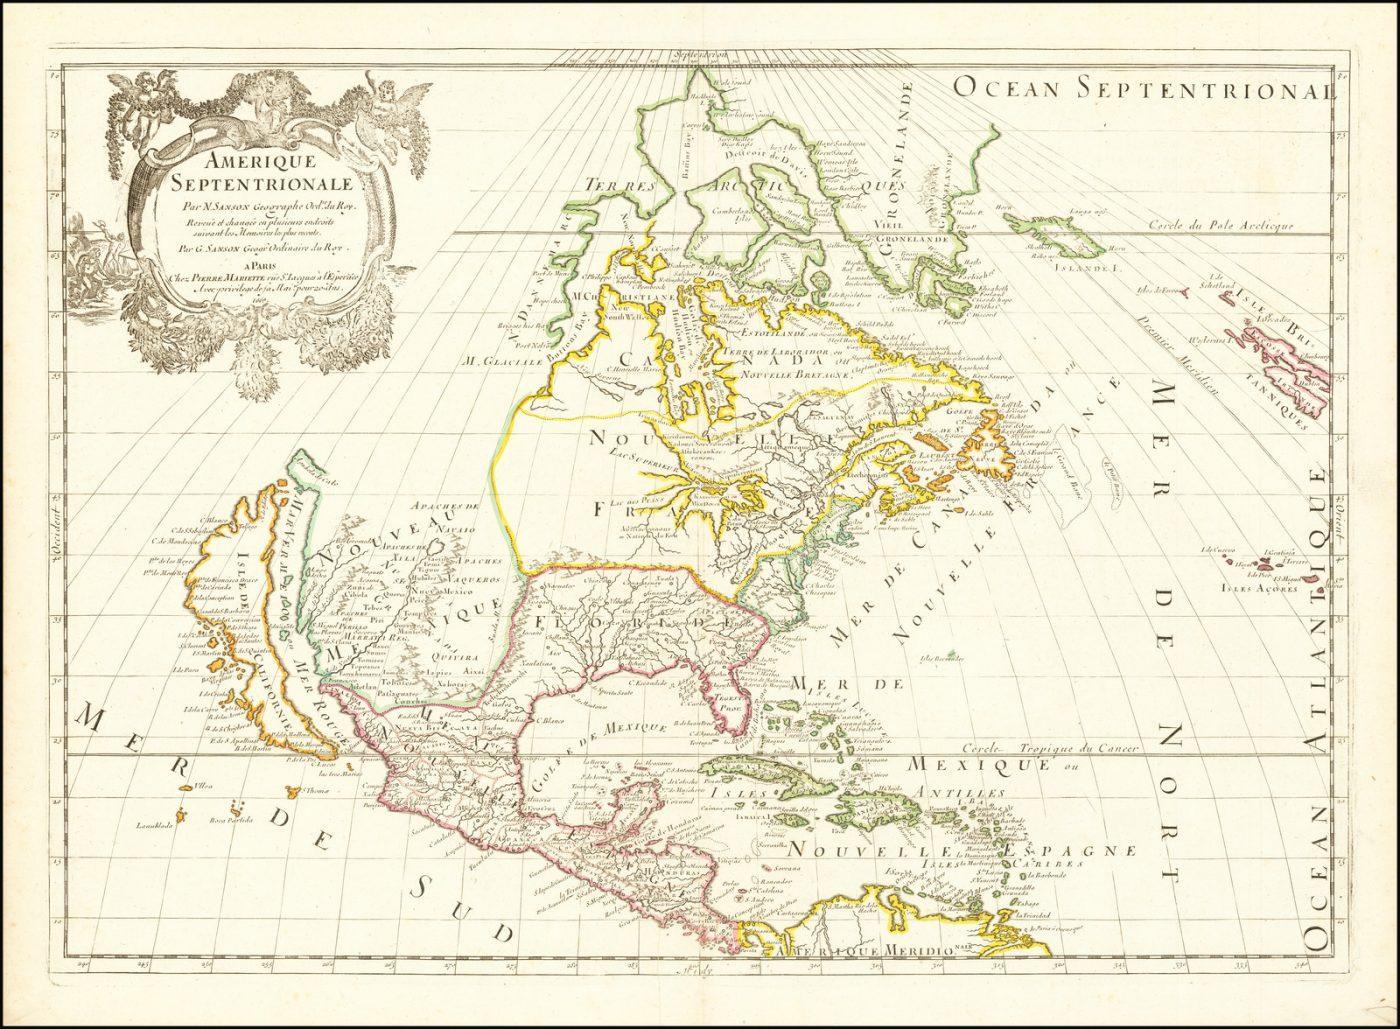 Первое издание карты Северной Америки Сансона-Марриетта, впервые выпущенной в 1669 году